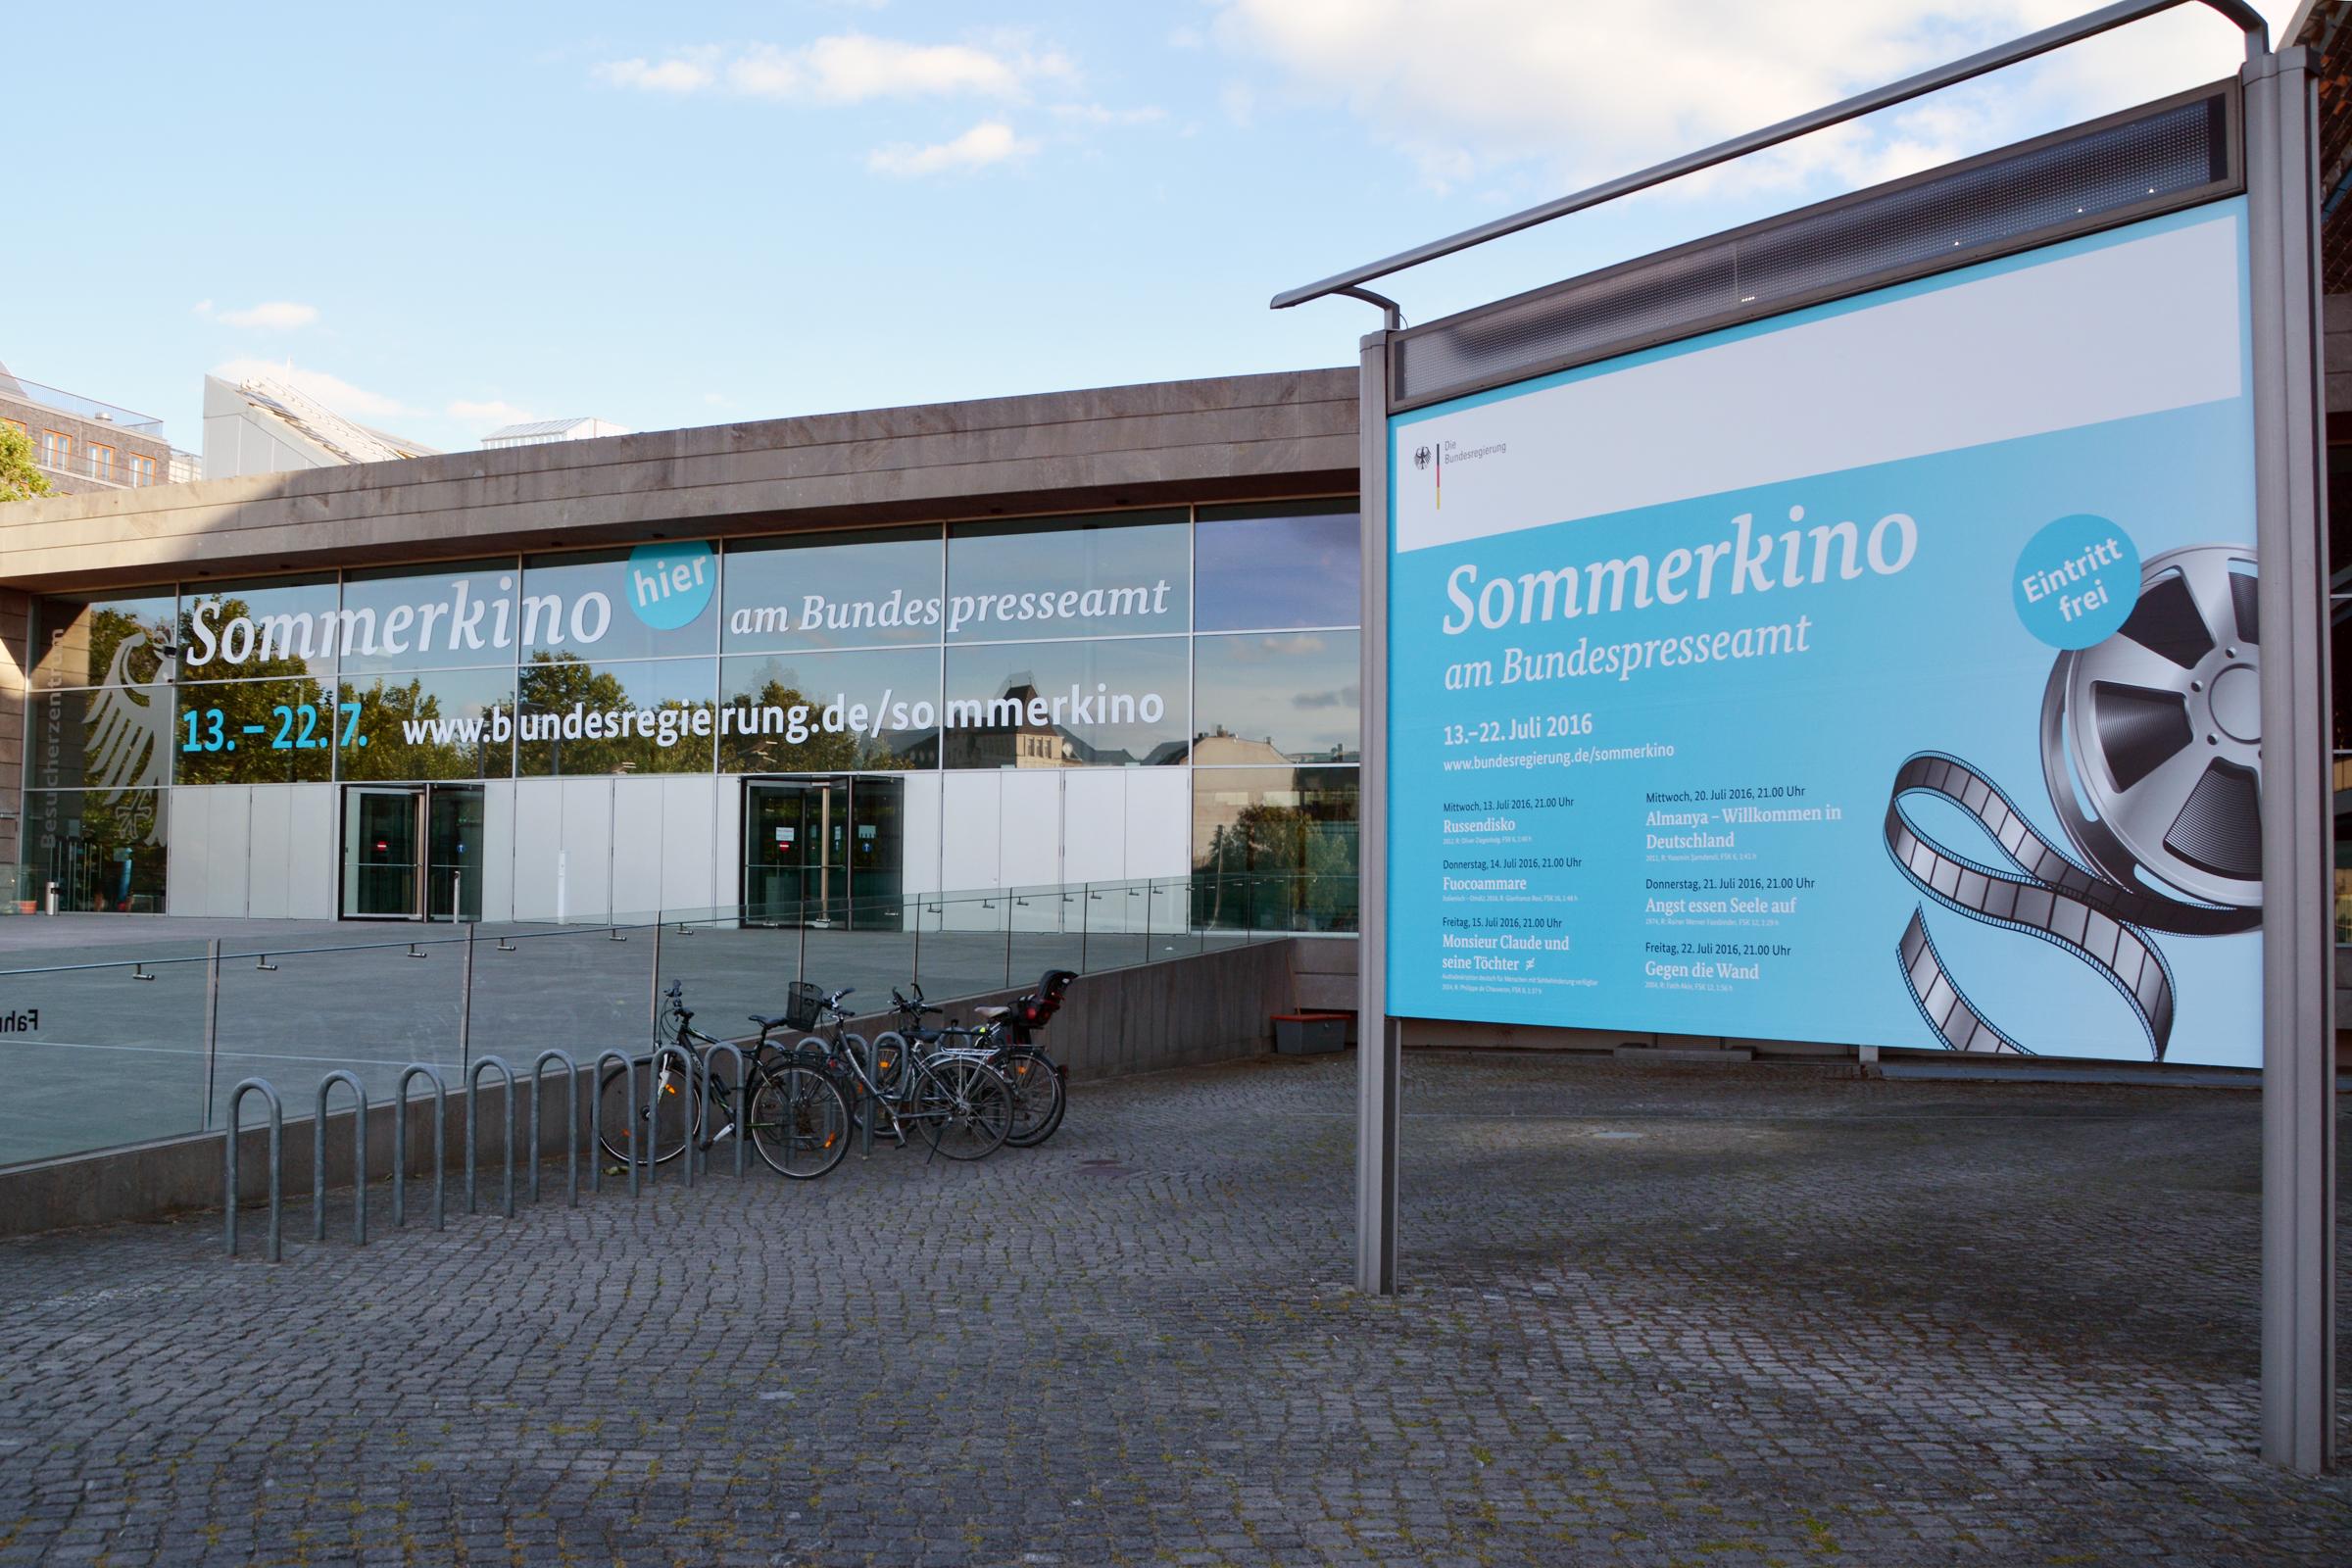 Sommerkino am Bundespresseamt. Foto: Ulrich Horb